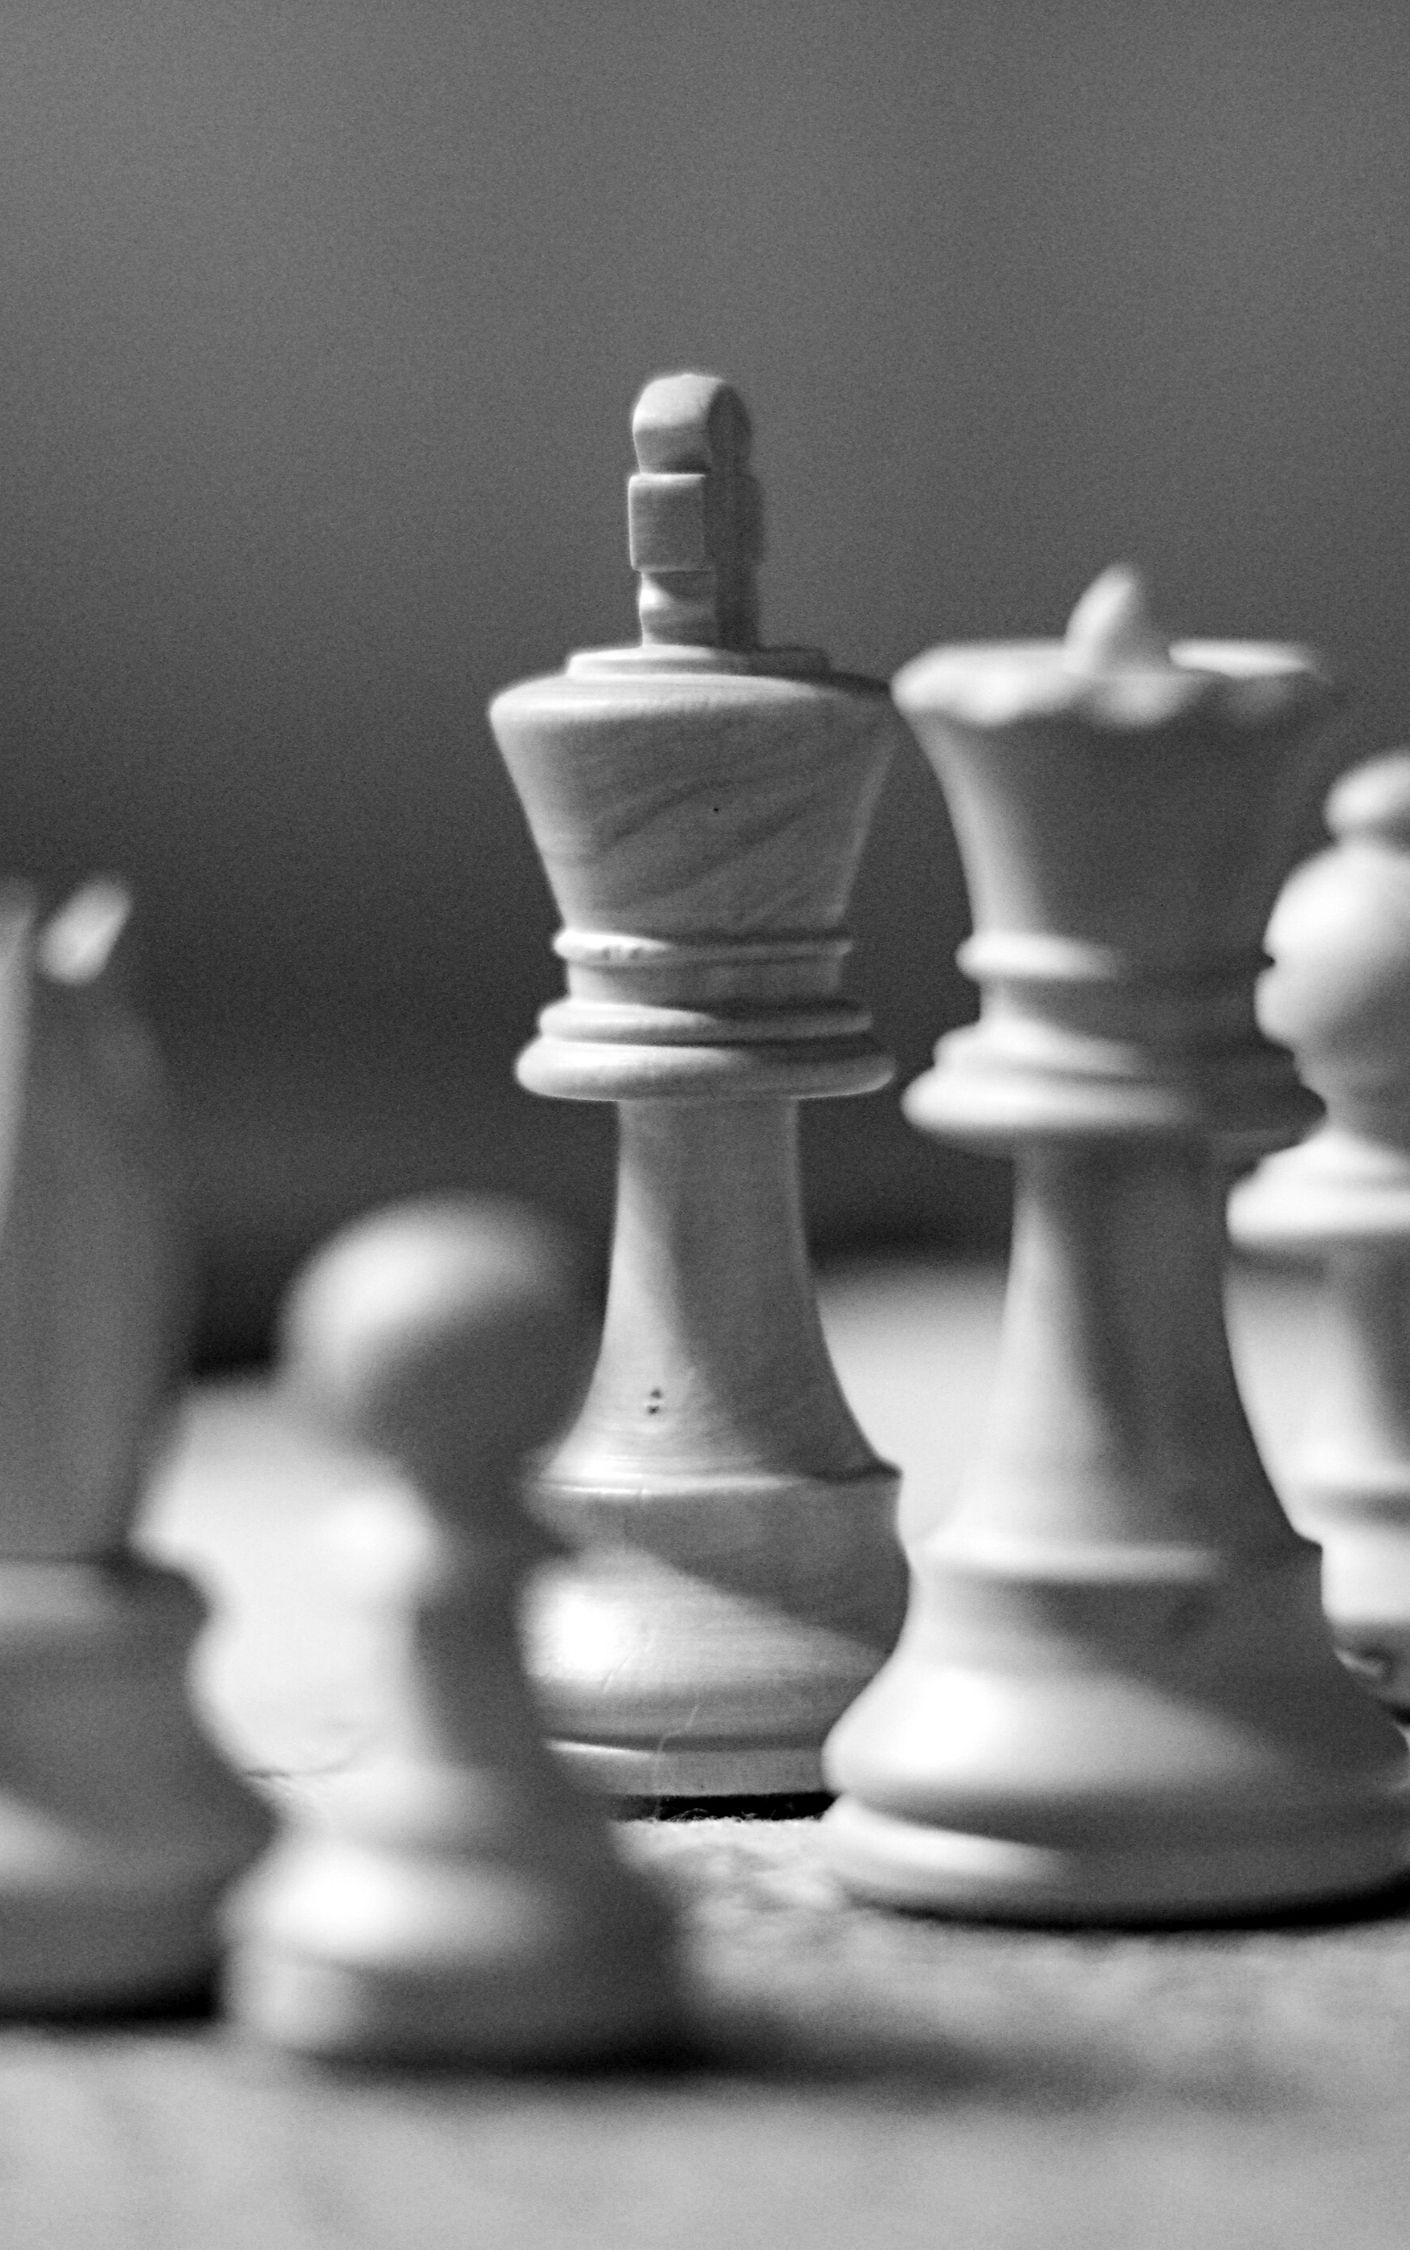 Los 3 roles que debes asumir en tu empresa